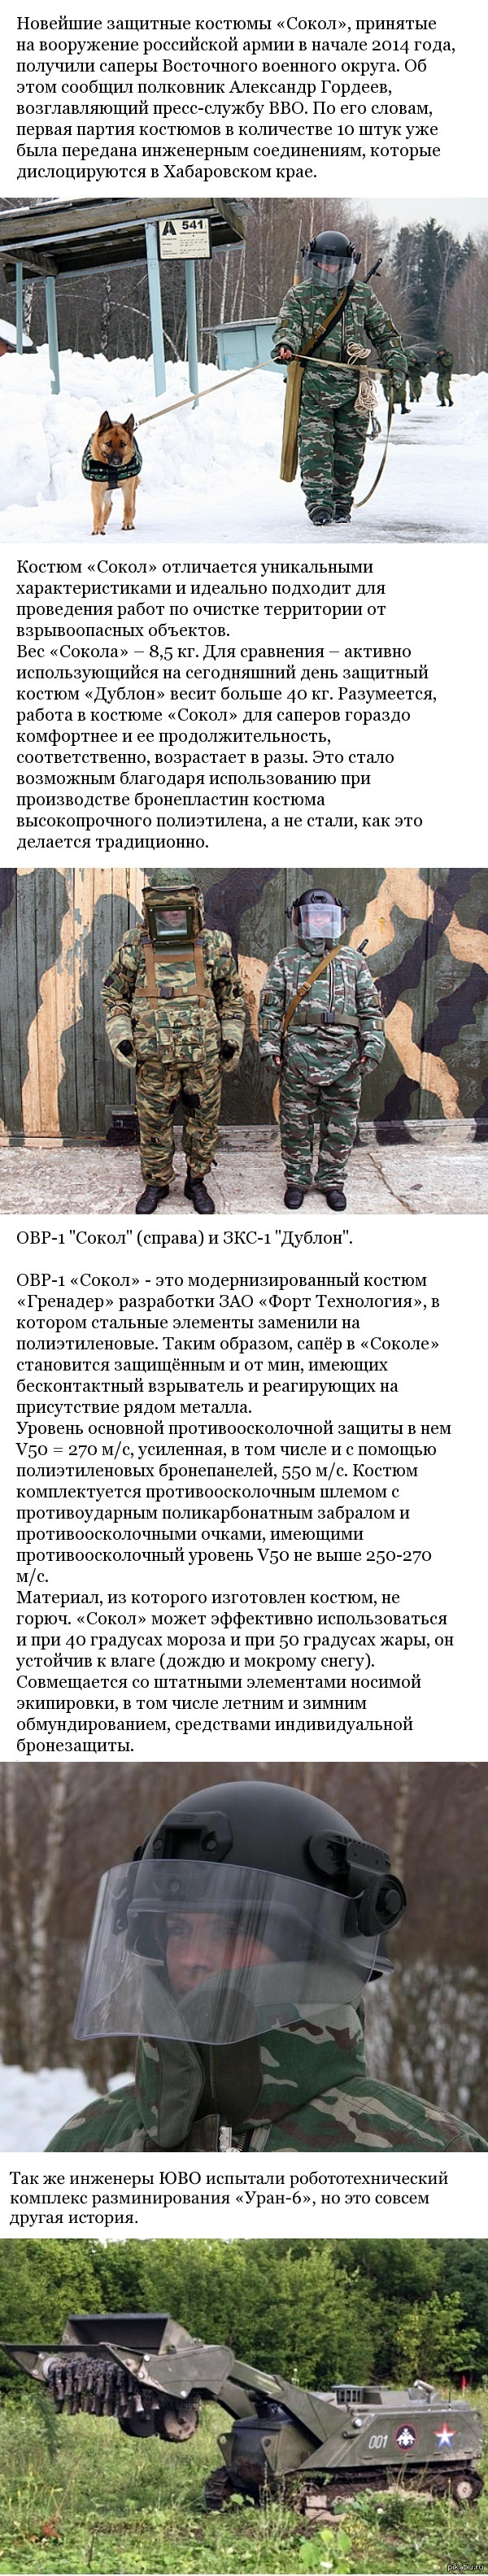 Саперы ВВО получили новейшие защитные костюмы «Сокол» «Сапёр ошибается только один раз»